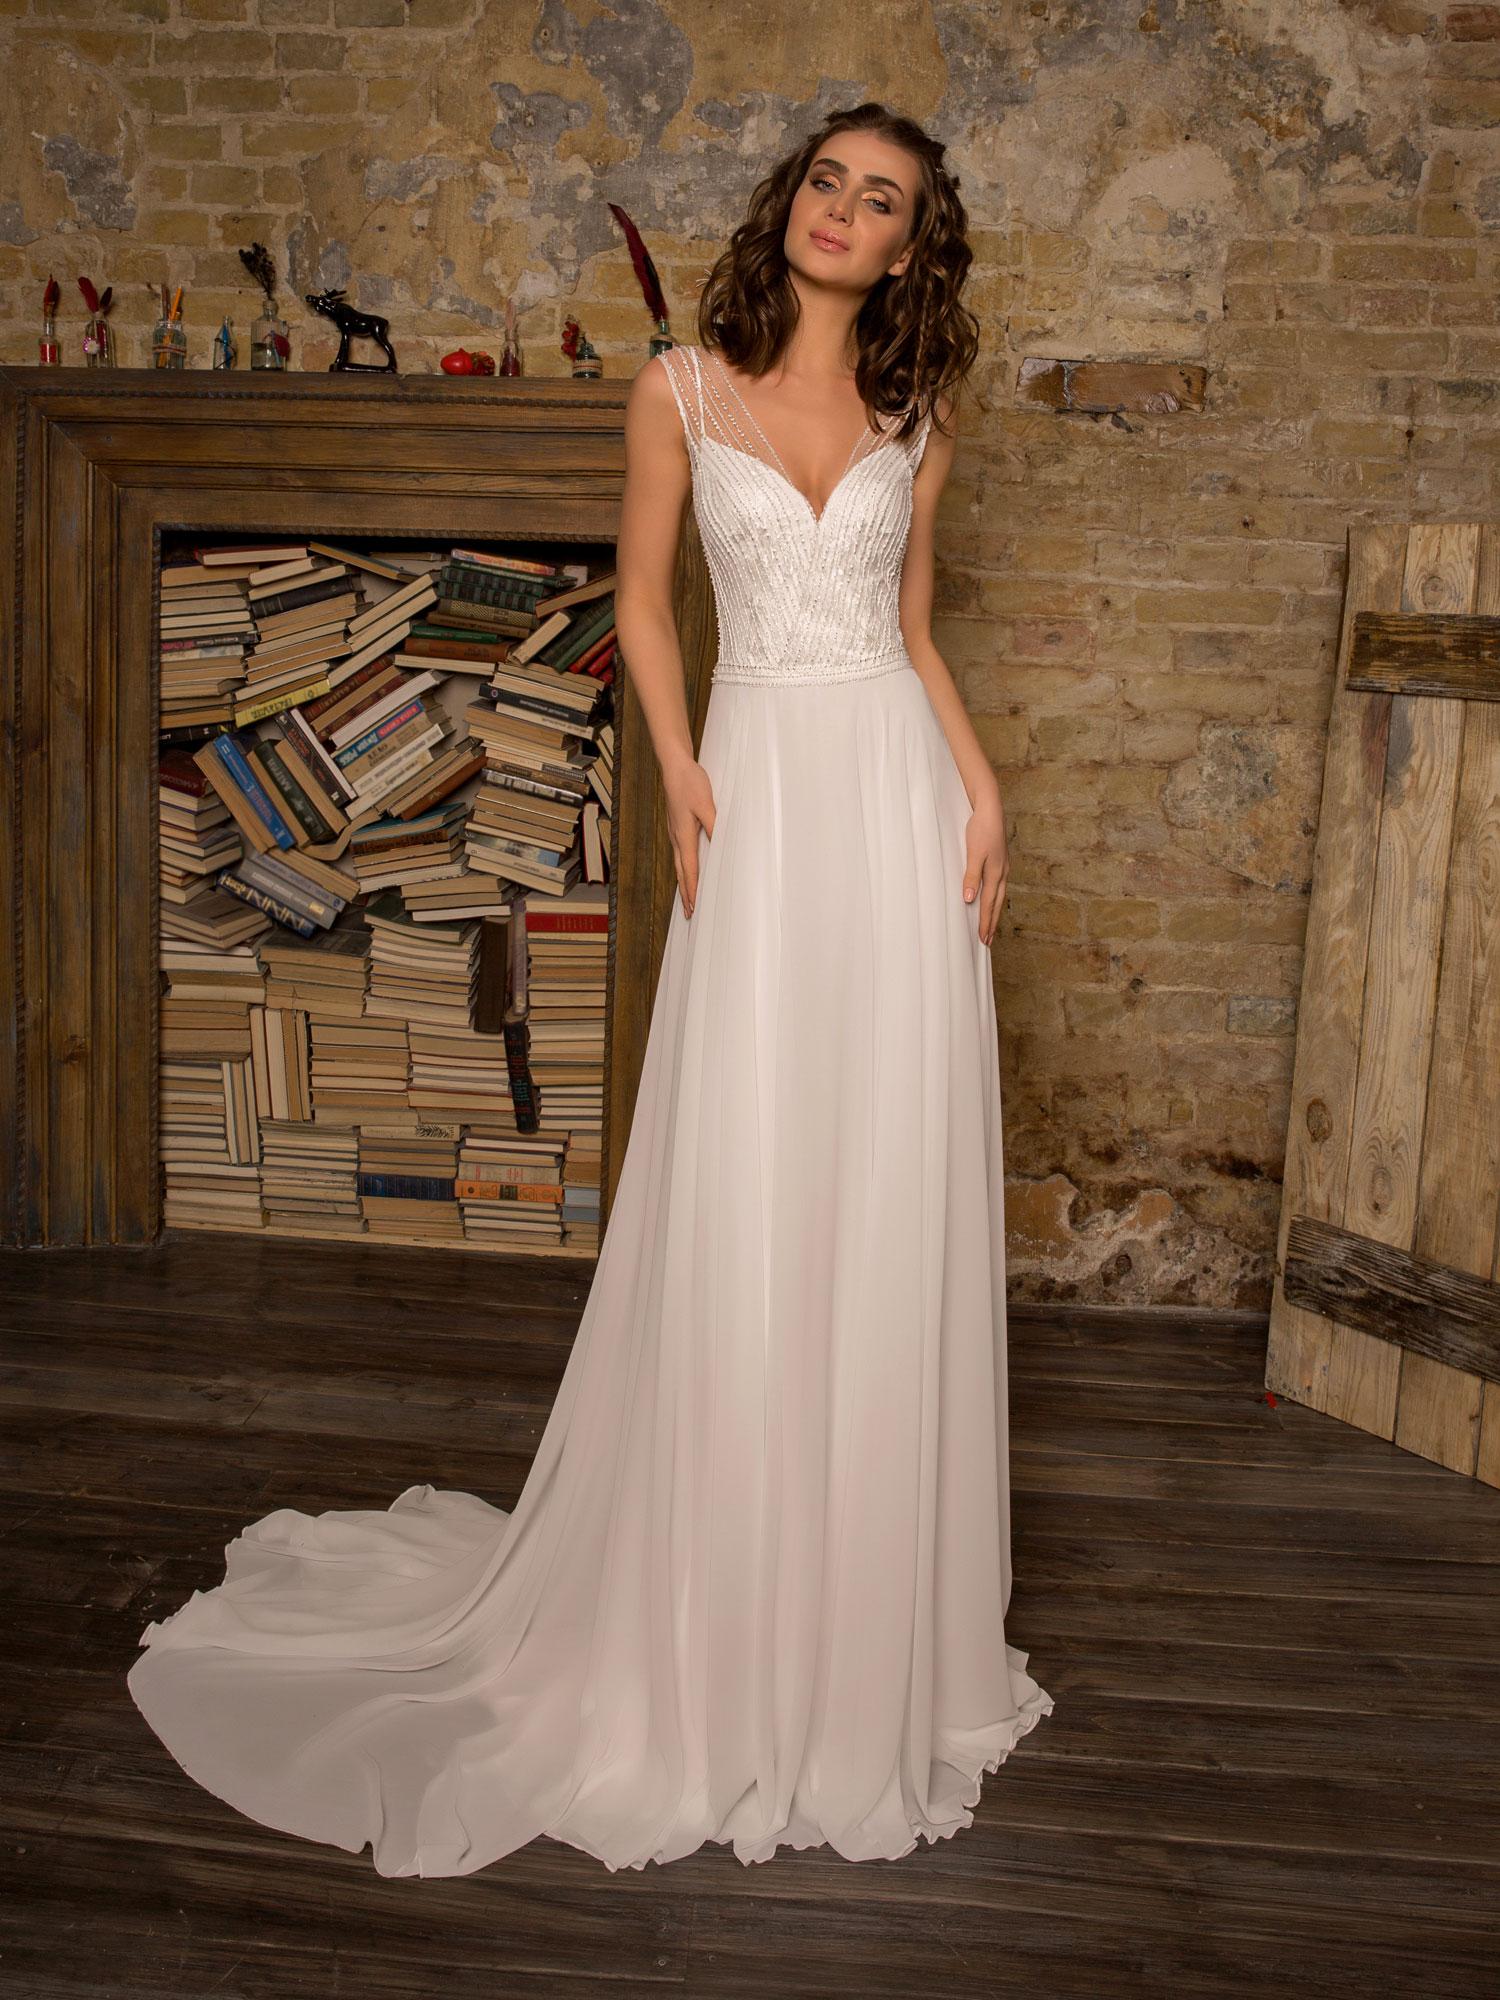 Robe de mariée fluide Ramatuelle chez White